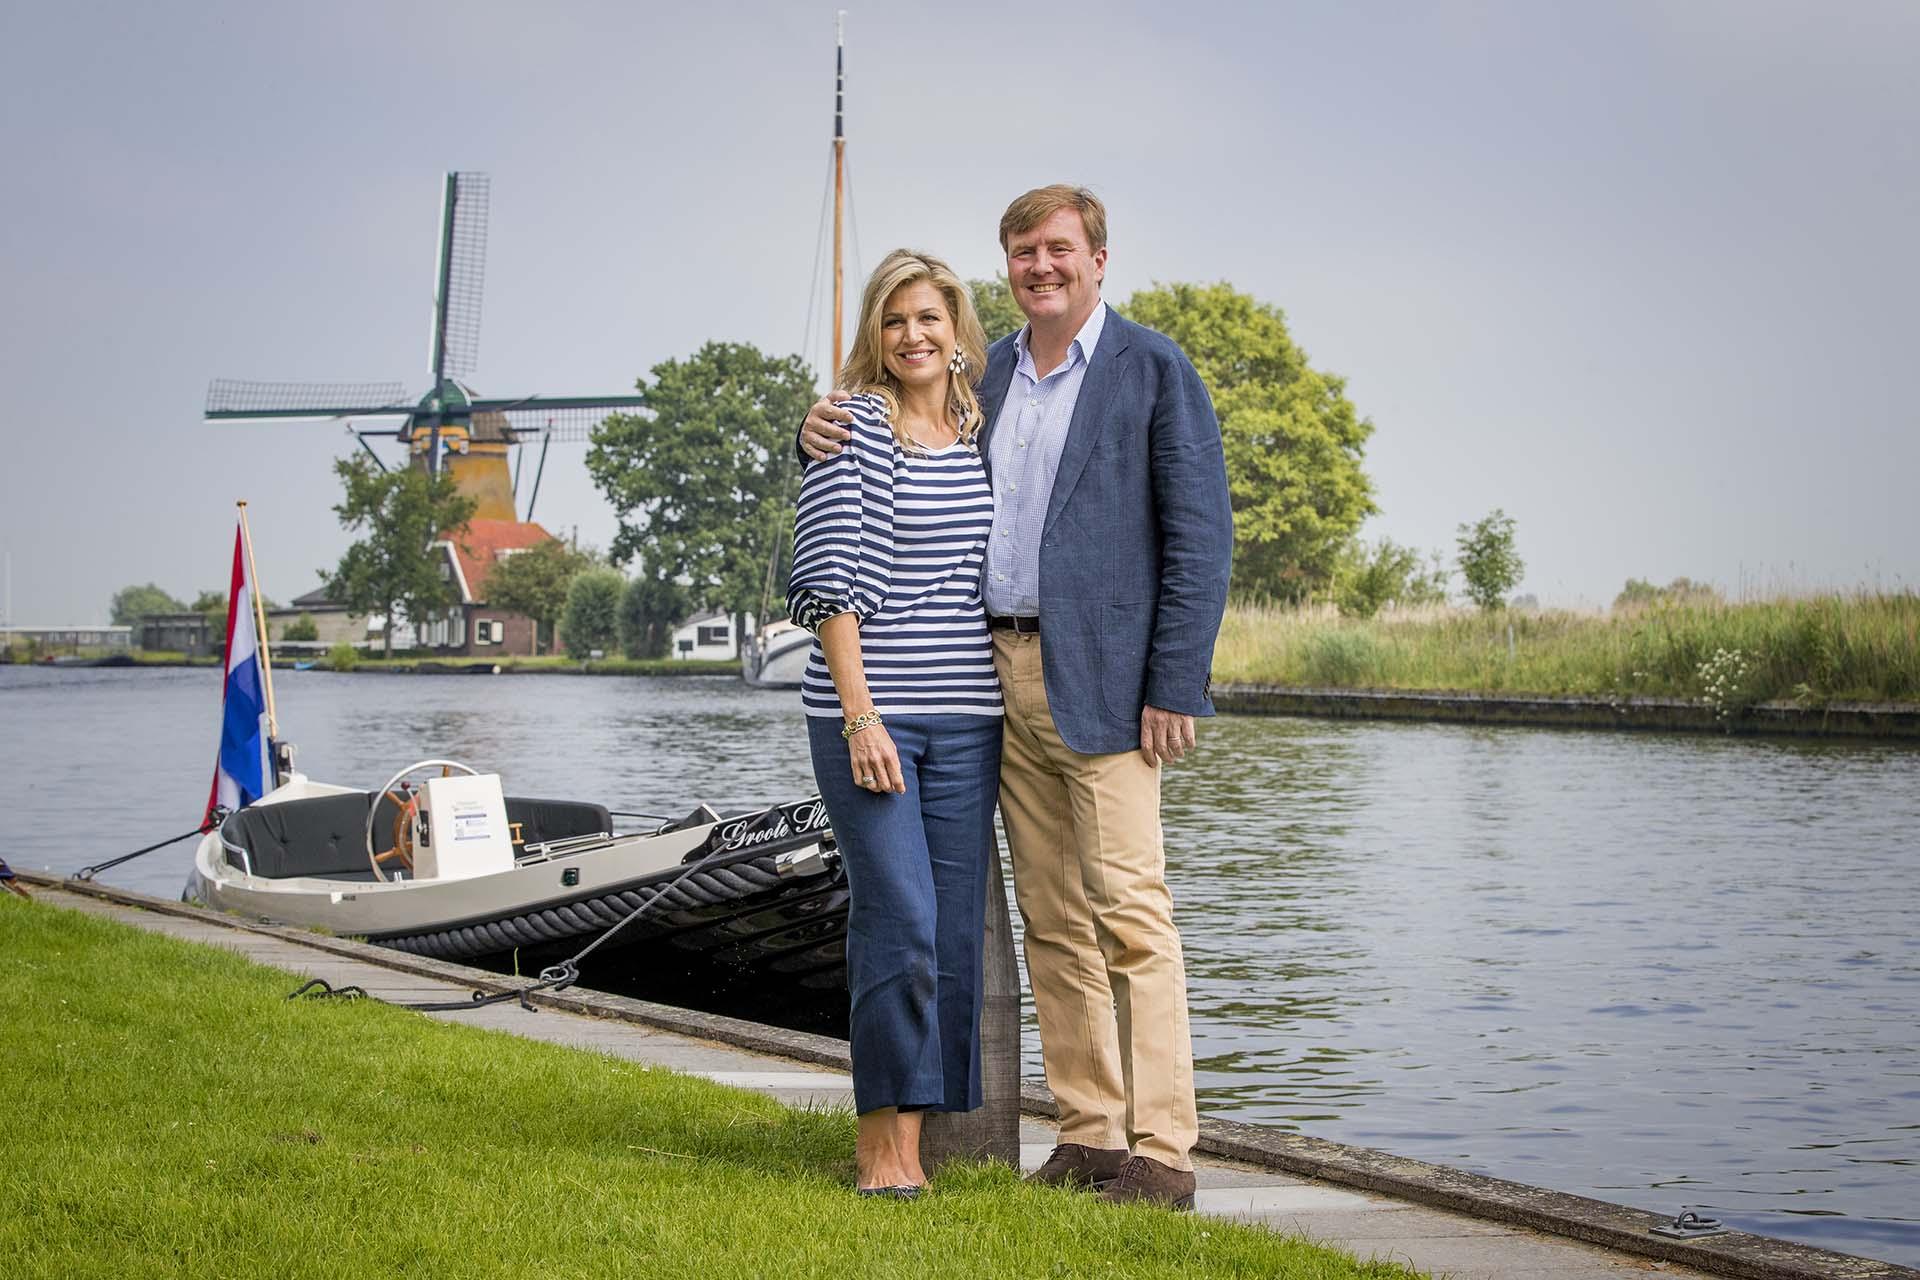 Los reyes de Holanda y sus tres hijas participaron de la clásica sesión de fotos para los medios de comunicación nacionales e internacionales en Warmond, Holanda